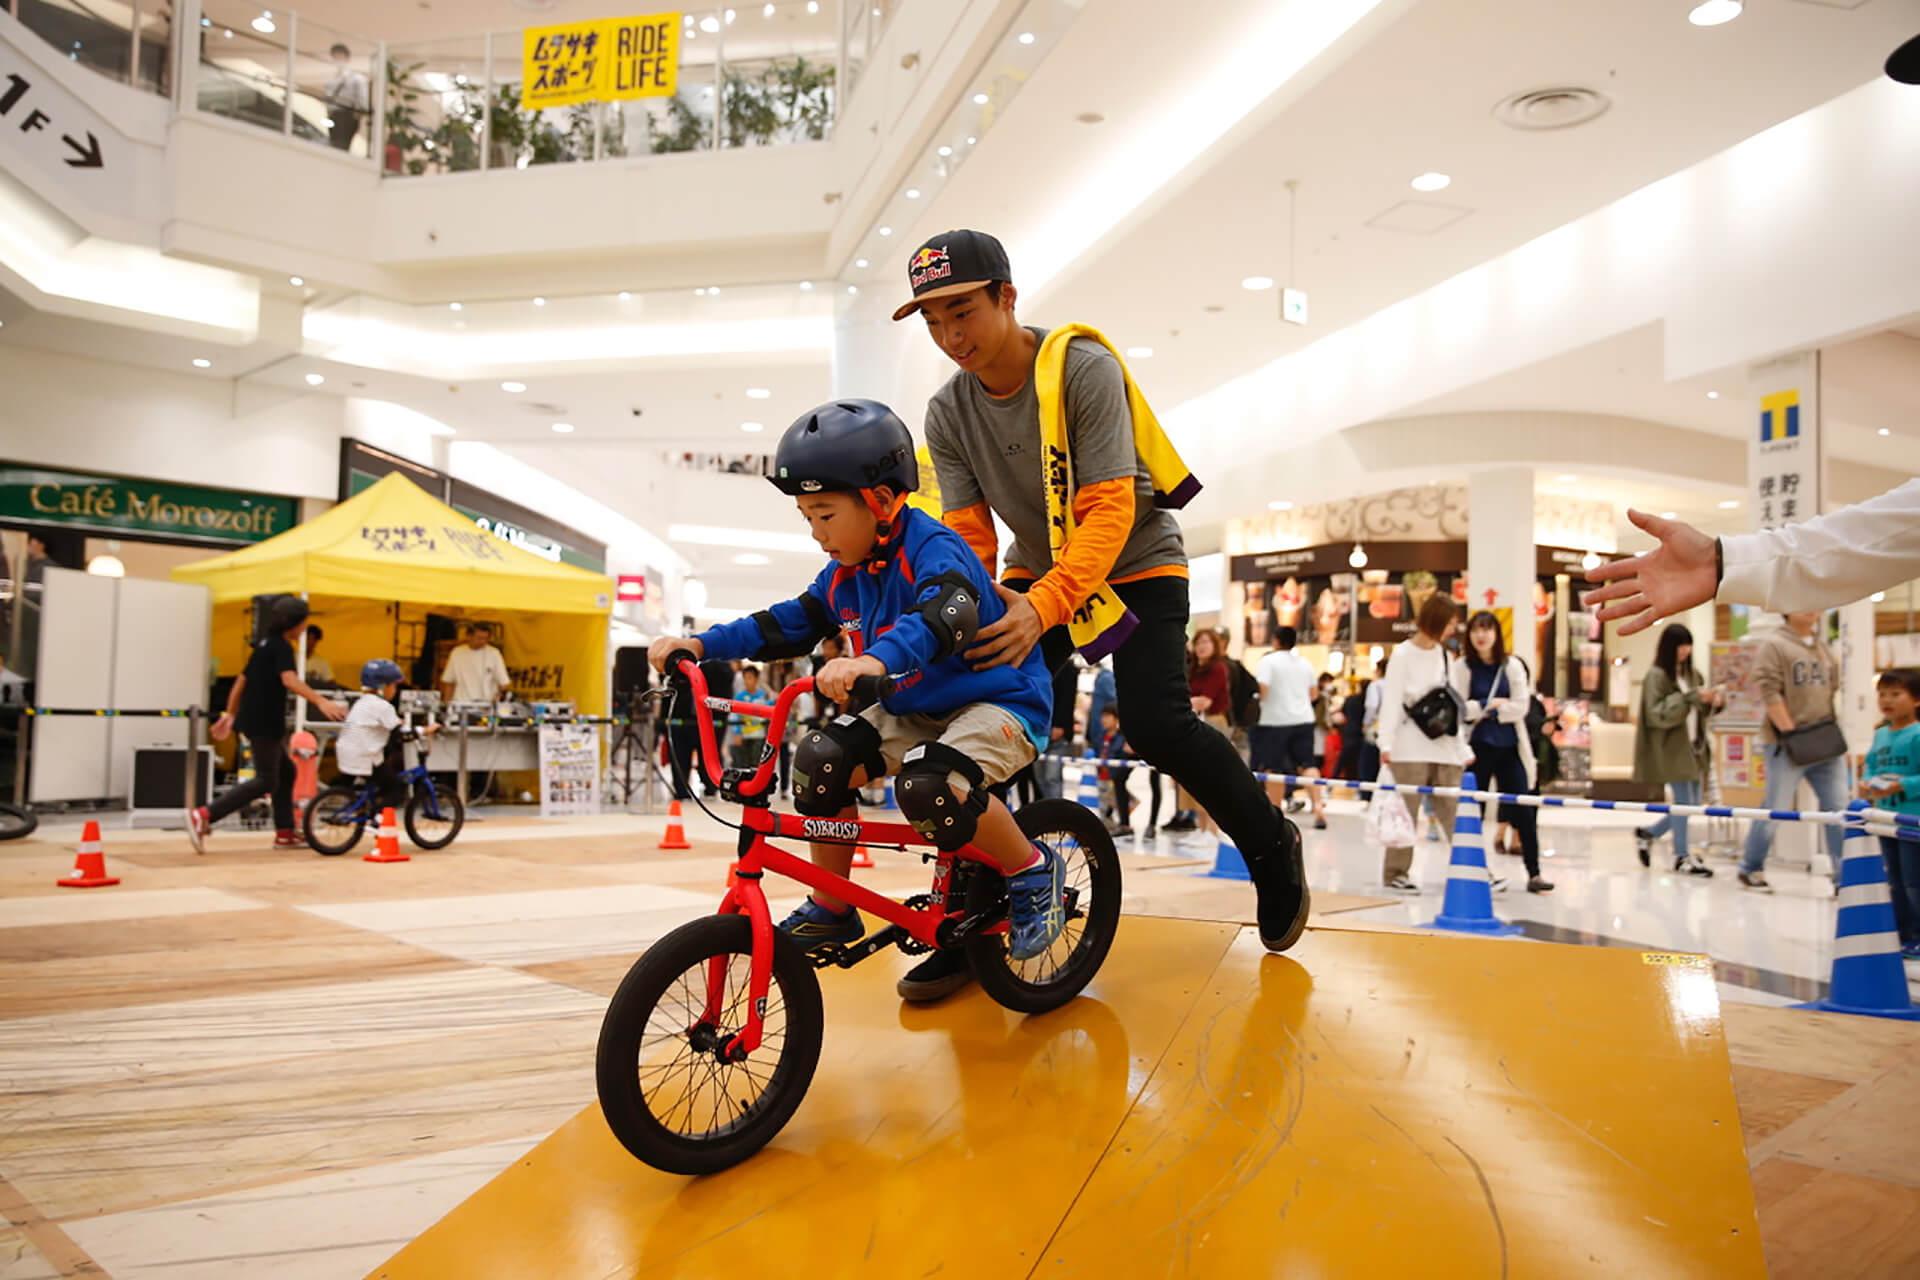 この写真は越谷イオンレイクタウンにて、 スケートボード&BMXスペシャルパフォーマンスショーのパフォーマンスの様子。ちびっこが体験する様子です